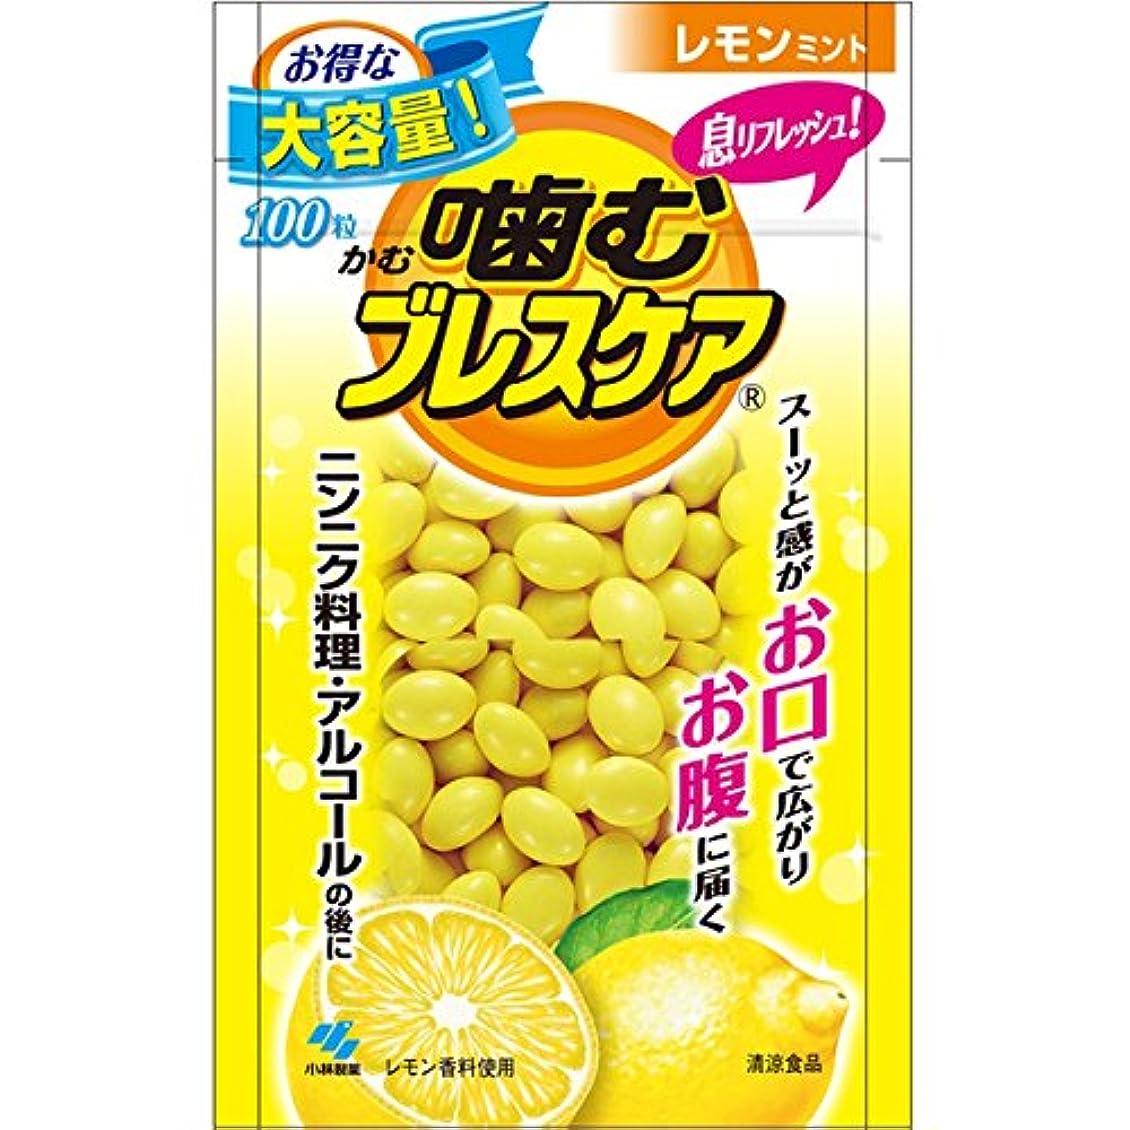 マグどのくらいの頻度で周術期小林製薬 噛むブレスケア レモンミント パウチ 100粒 大容量お得サイズ(口臭?エチケット?臭い対策)×24点セット (4987072034026)